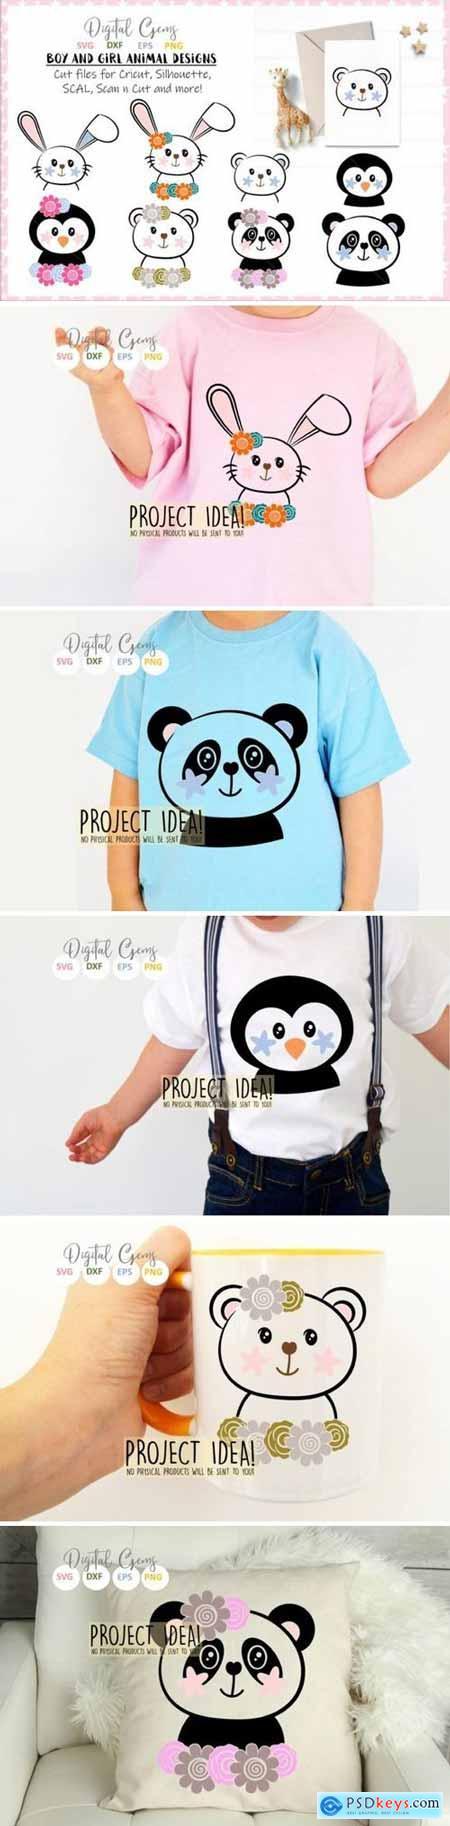 Rabbit, Penguin, Bear, Panda designs